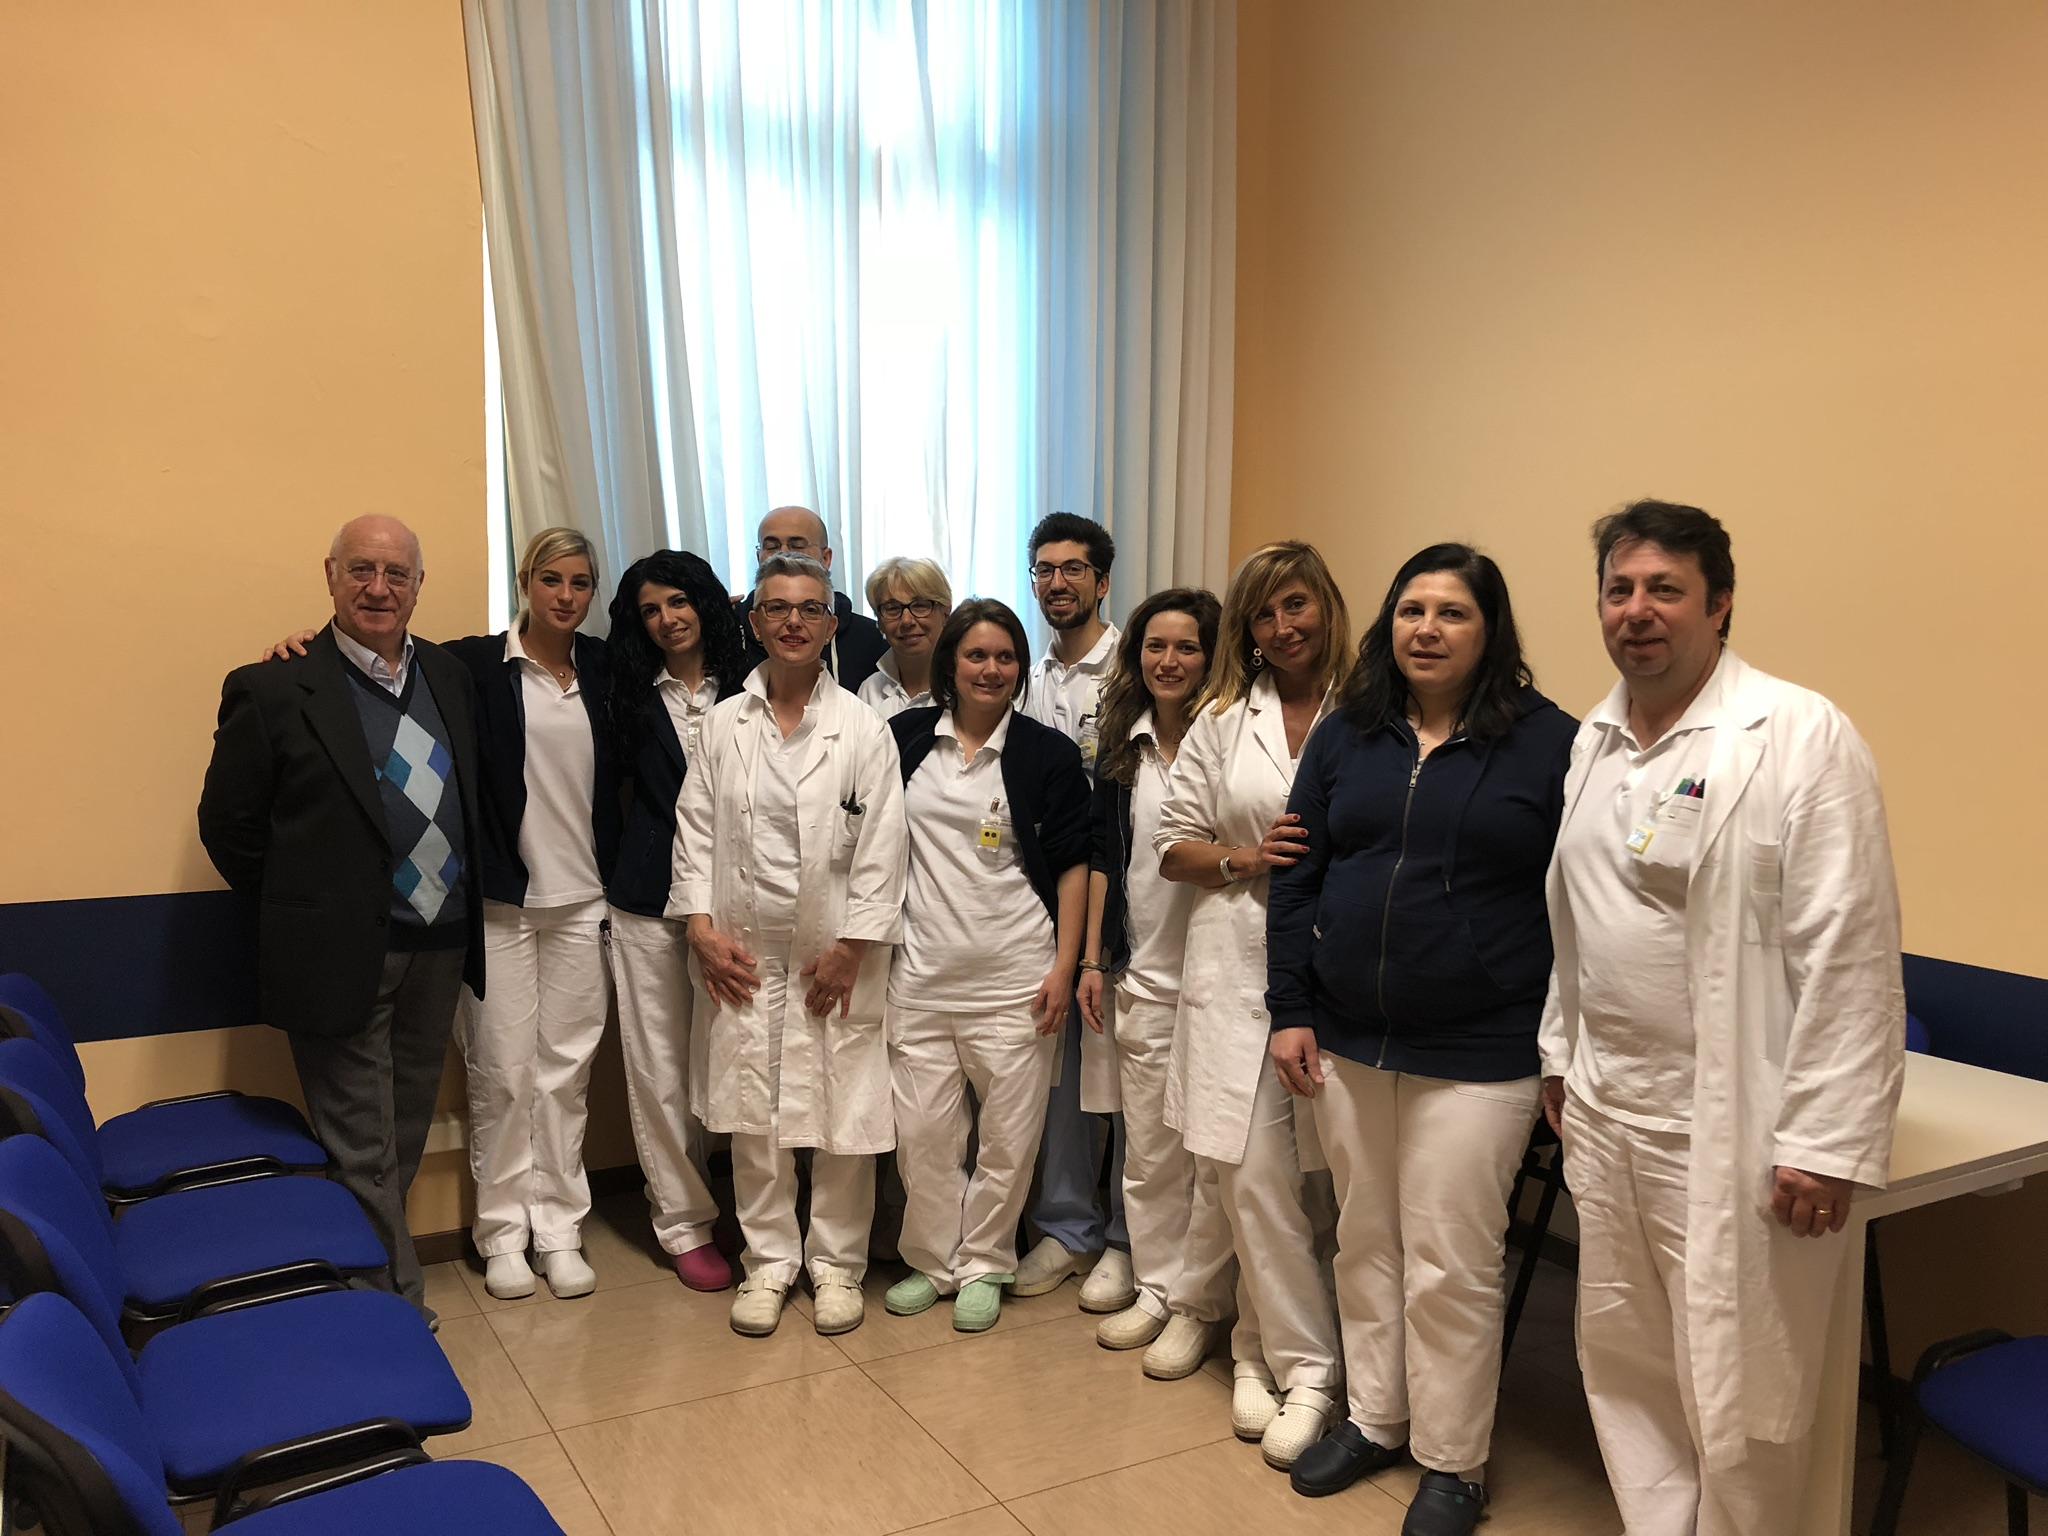 Impianto di filodiffusione musicale – Ospedale Borgo Trento di Verona